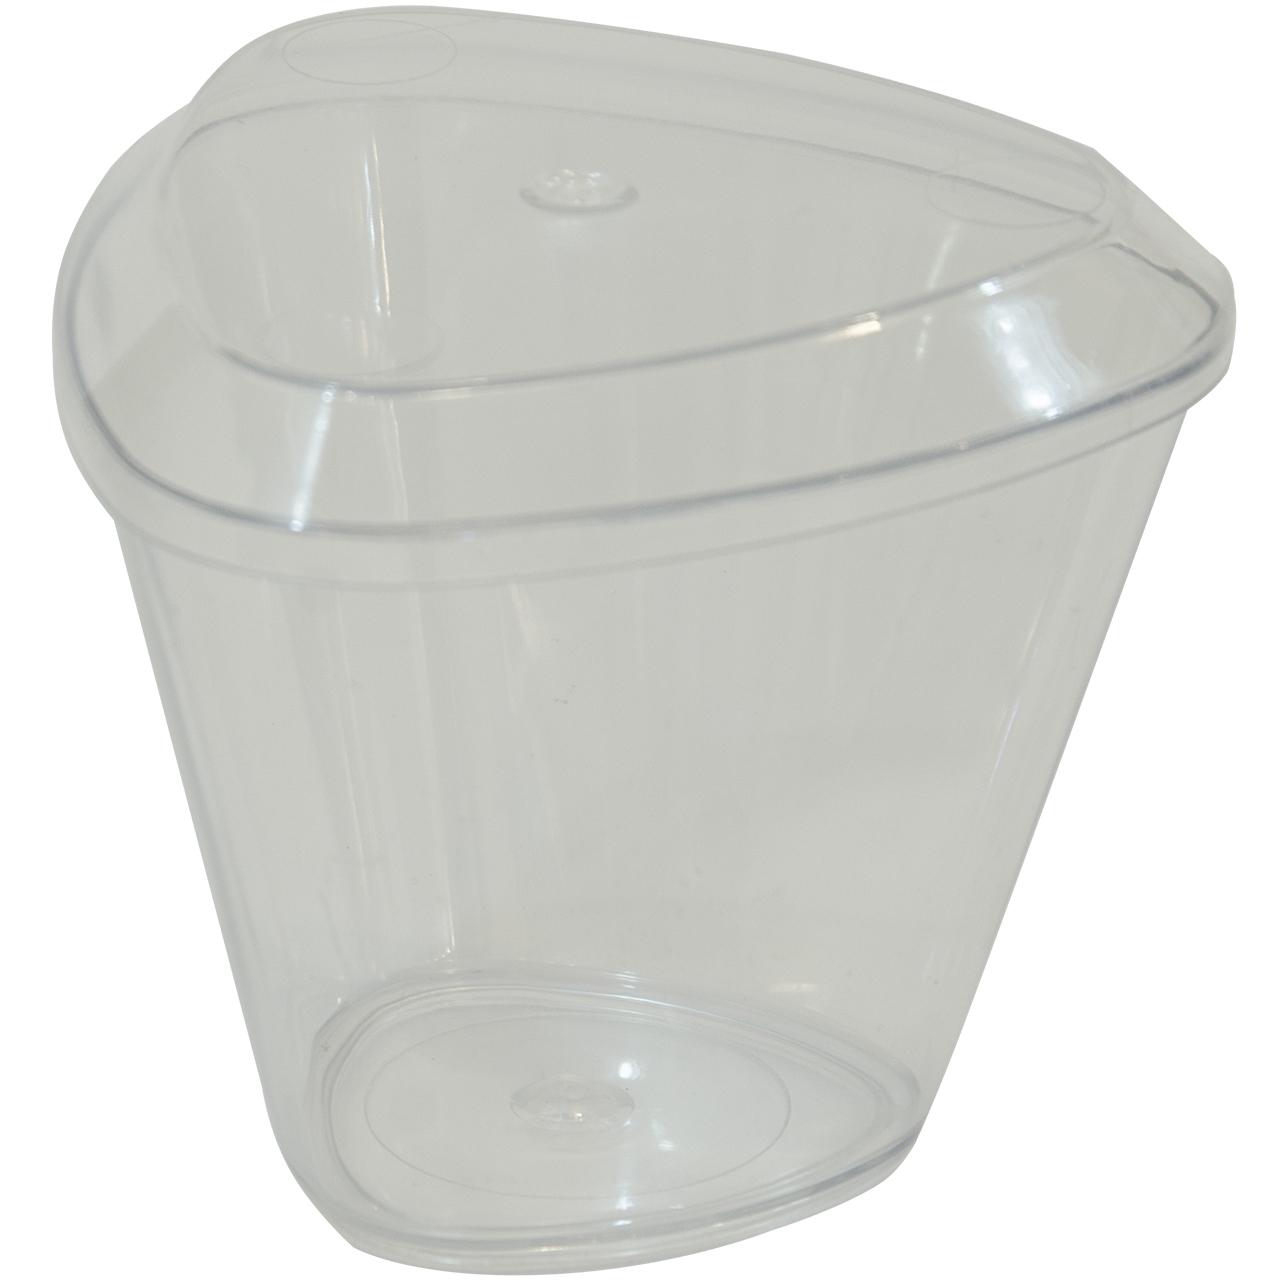 عکس ظرف دسر یکبار مصرف روشا پلاست مدل Crystal بسته 24 عددی